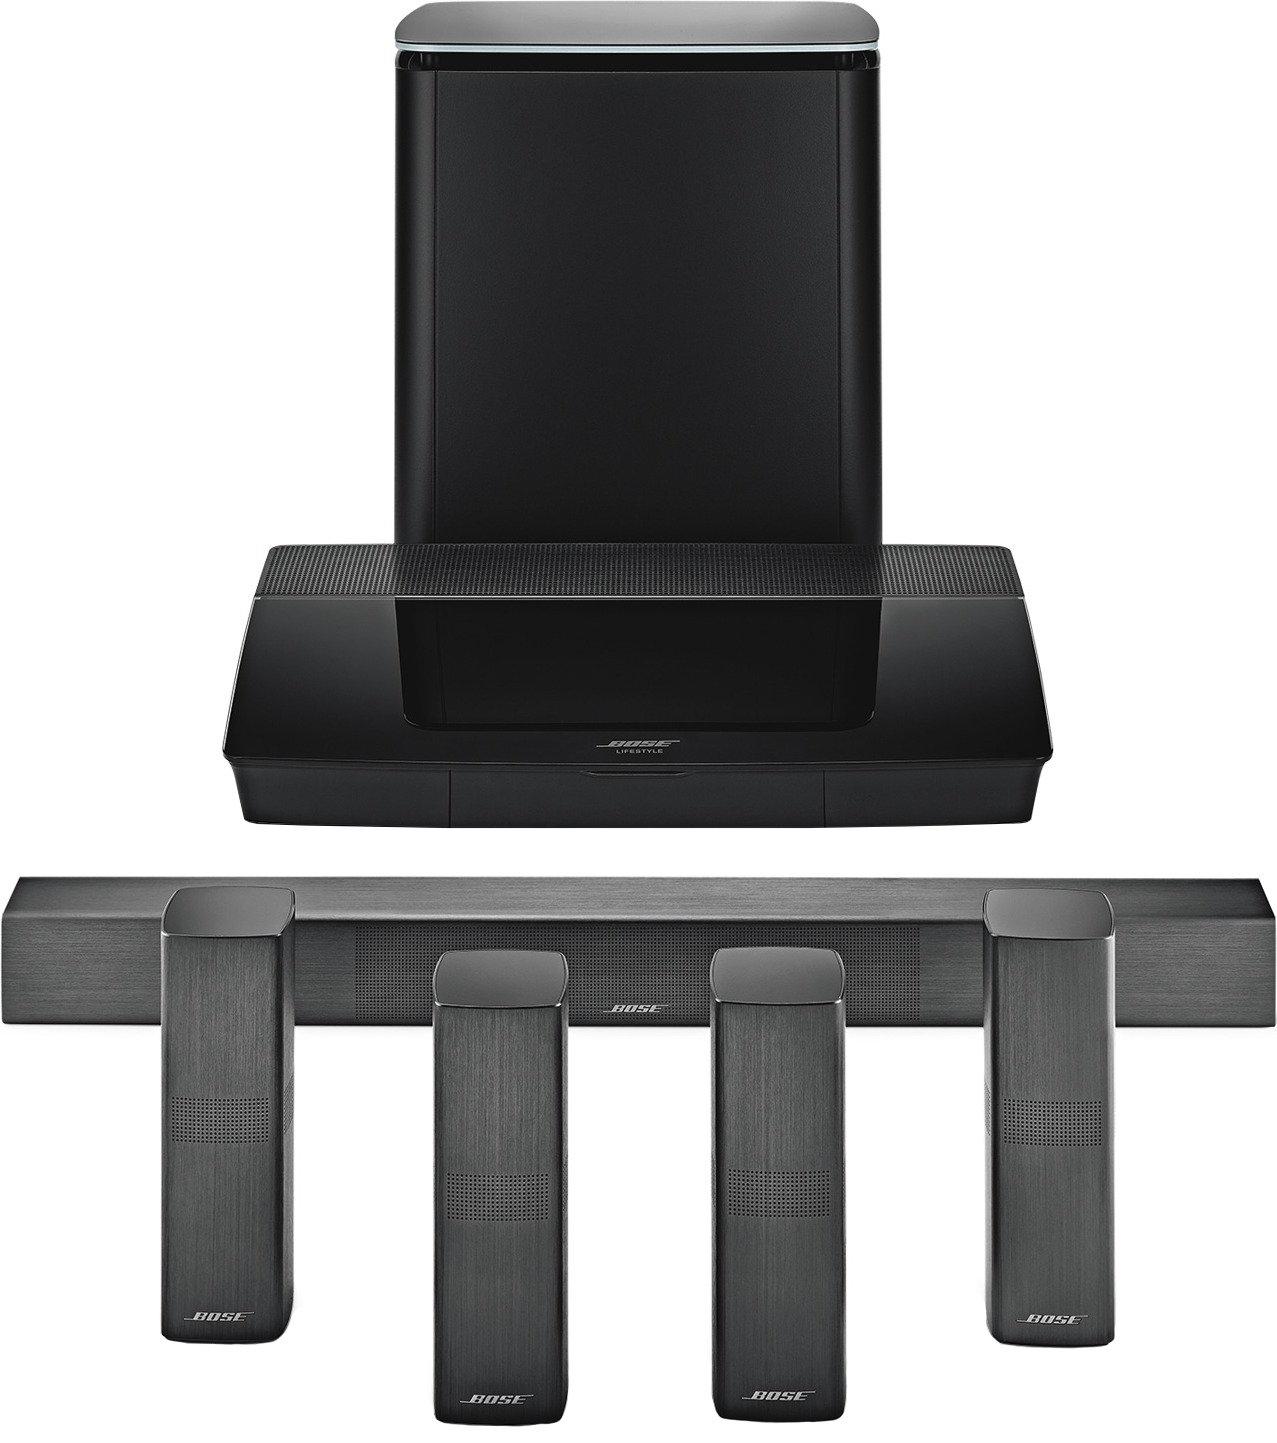 Bose Lifestyle 600 für 2499,- statt 3299,- / Bose Lifestyle 650 für 3099,- statt 4299,- (Mediamarkt Nordhorn) Versand möglich